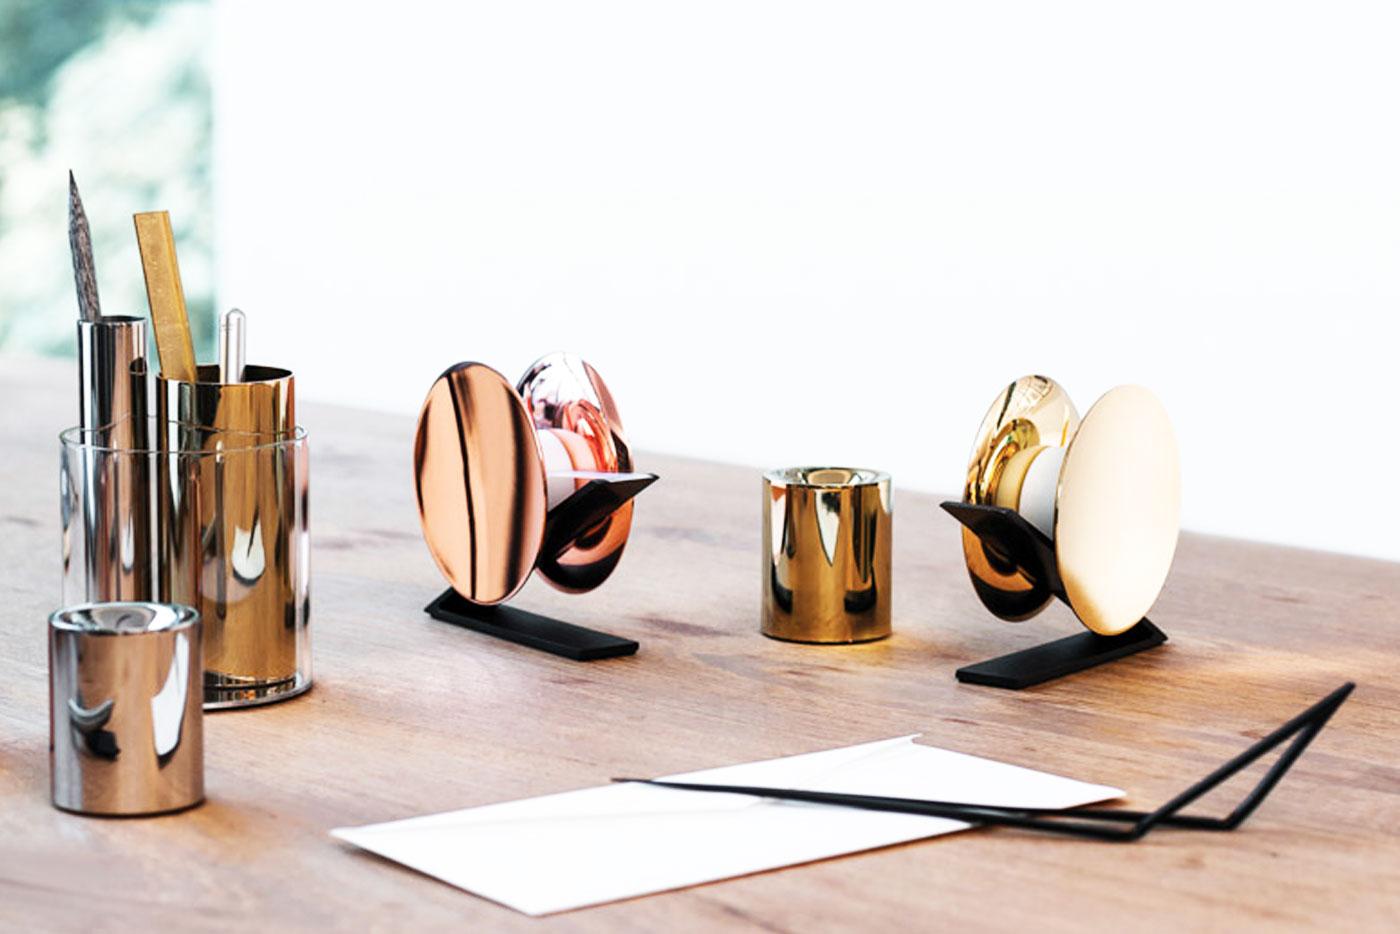 Prezioso per la tua scrivania tasteofrunway for Portapenne ufficio design